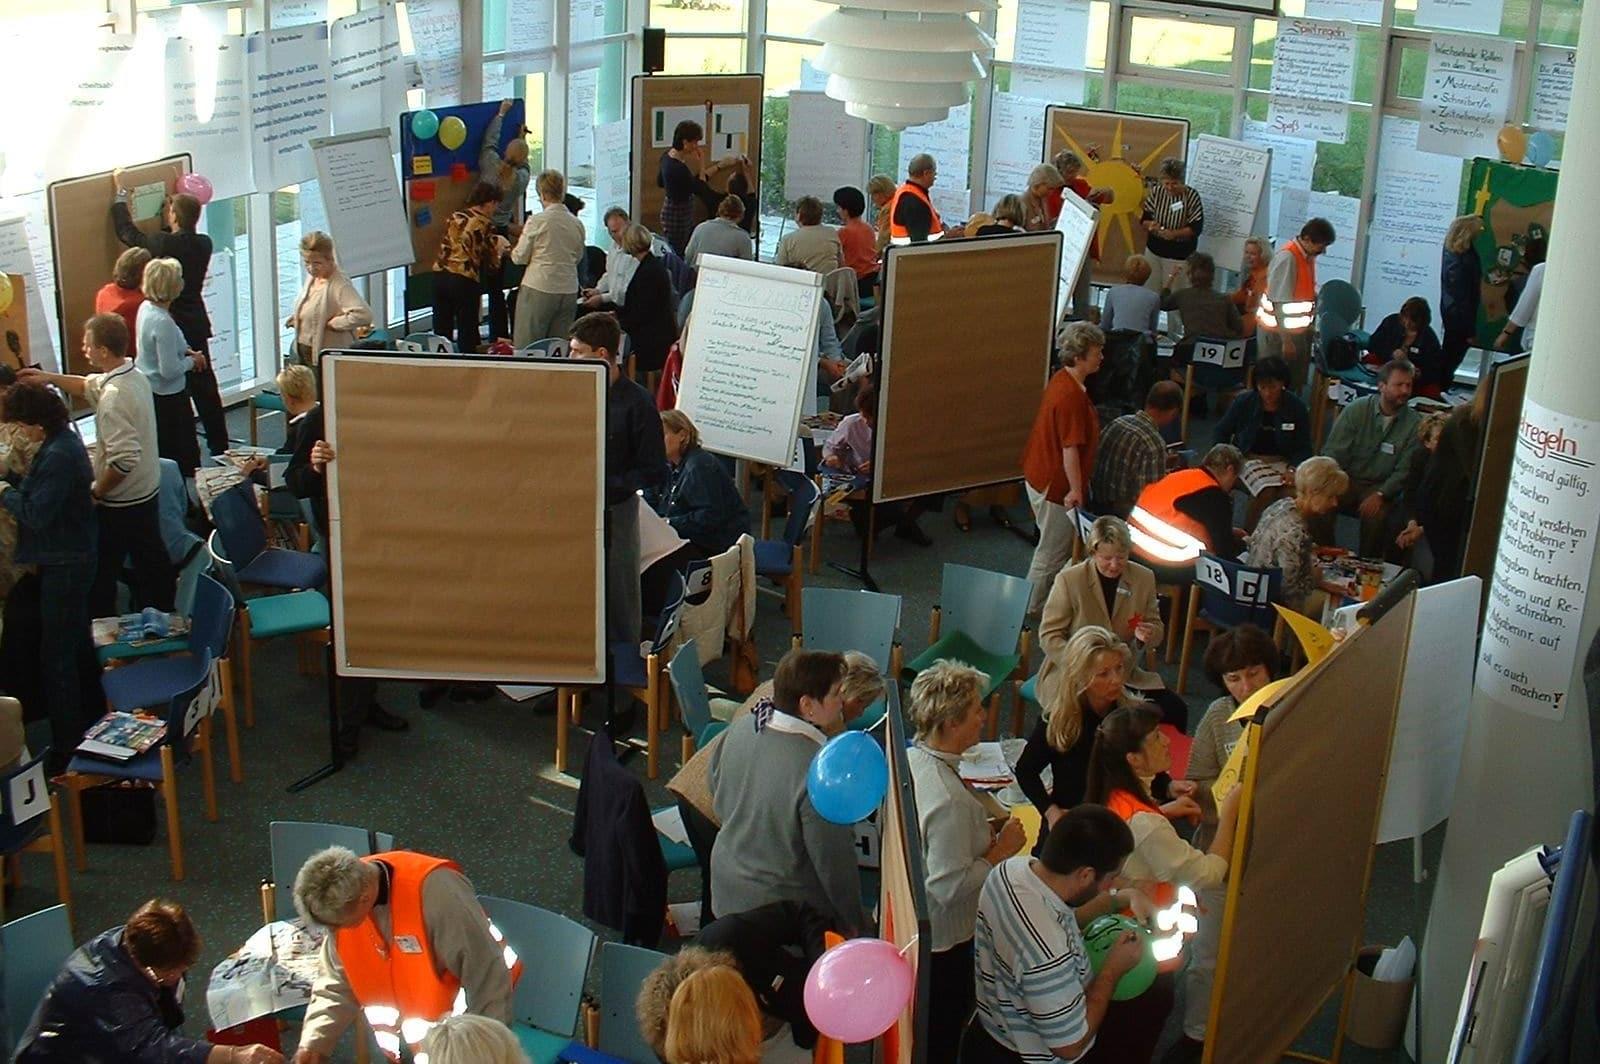 Szene Großgruppenkonferenz